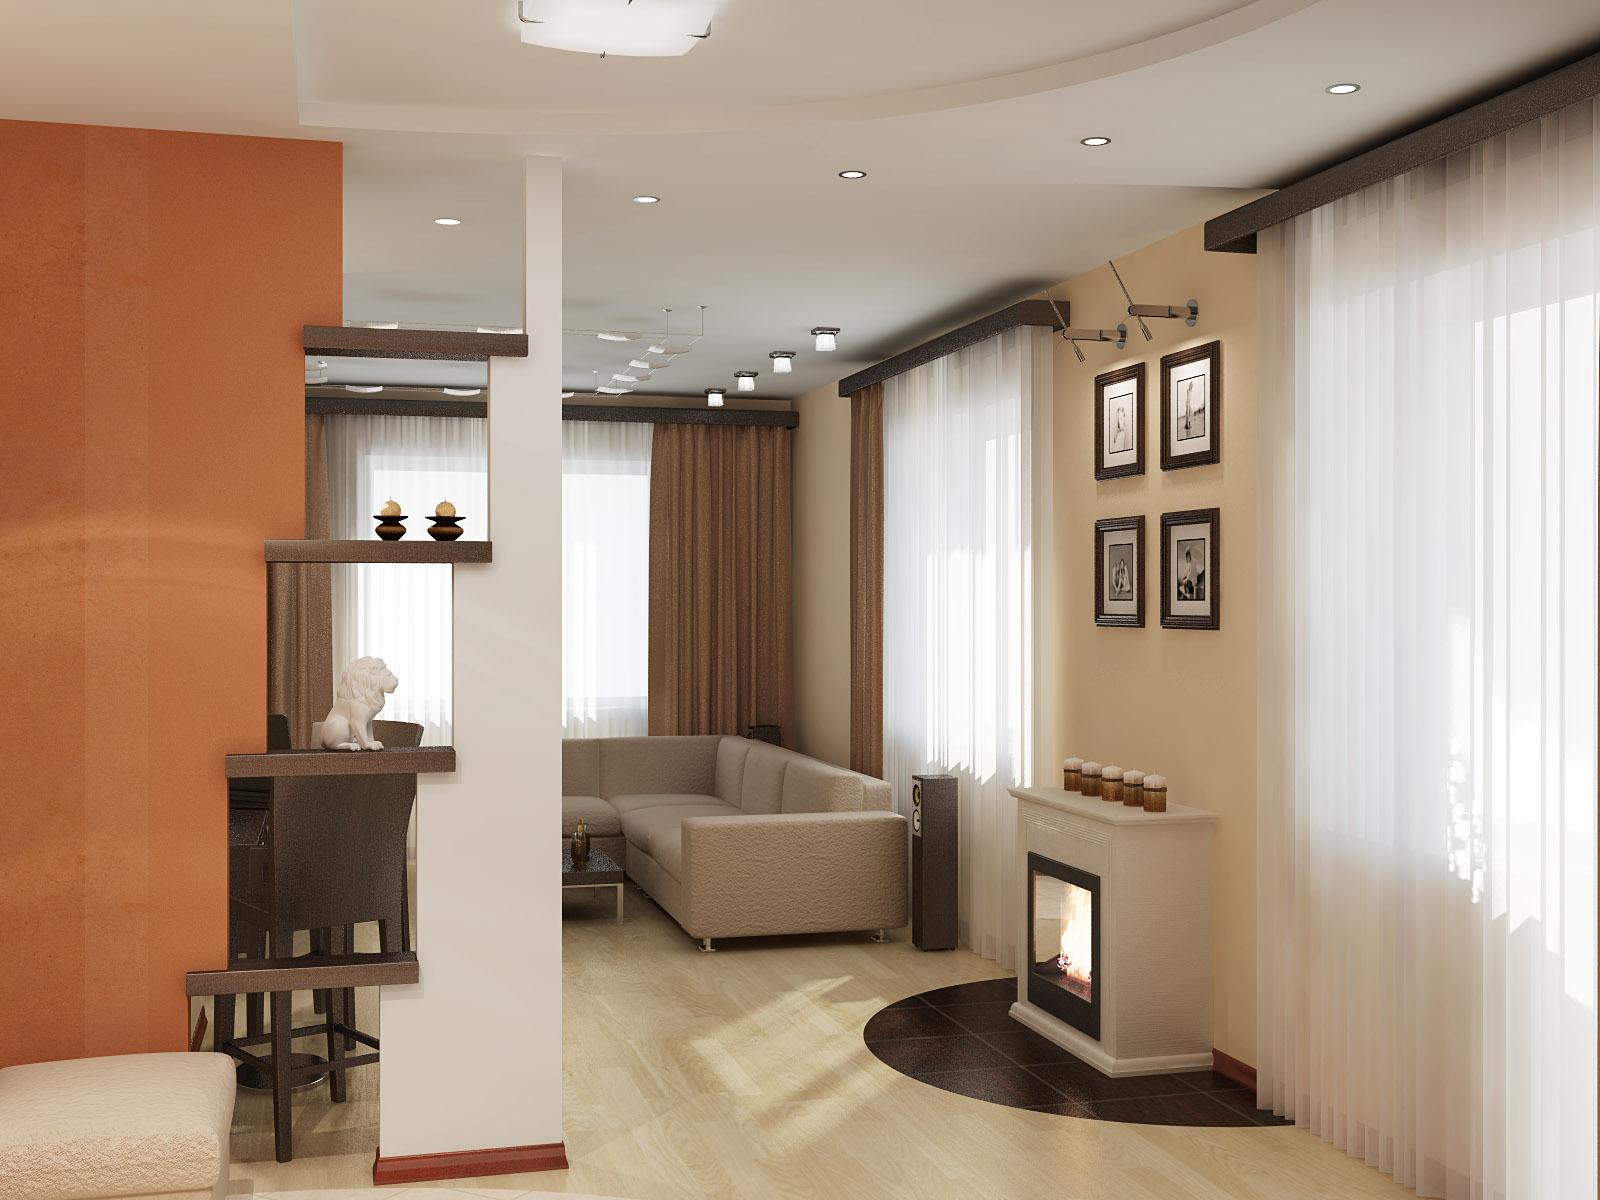 Комната с двумя окнами в хрущевке дизайн